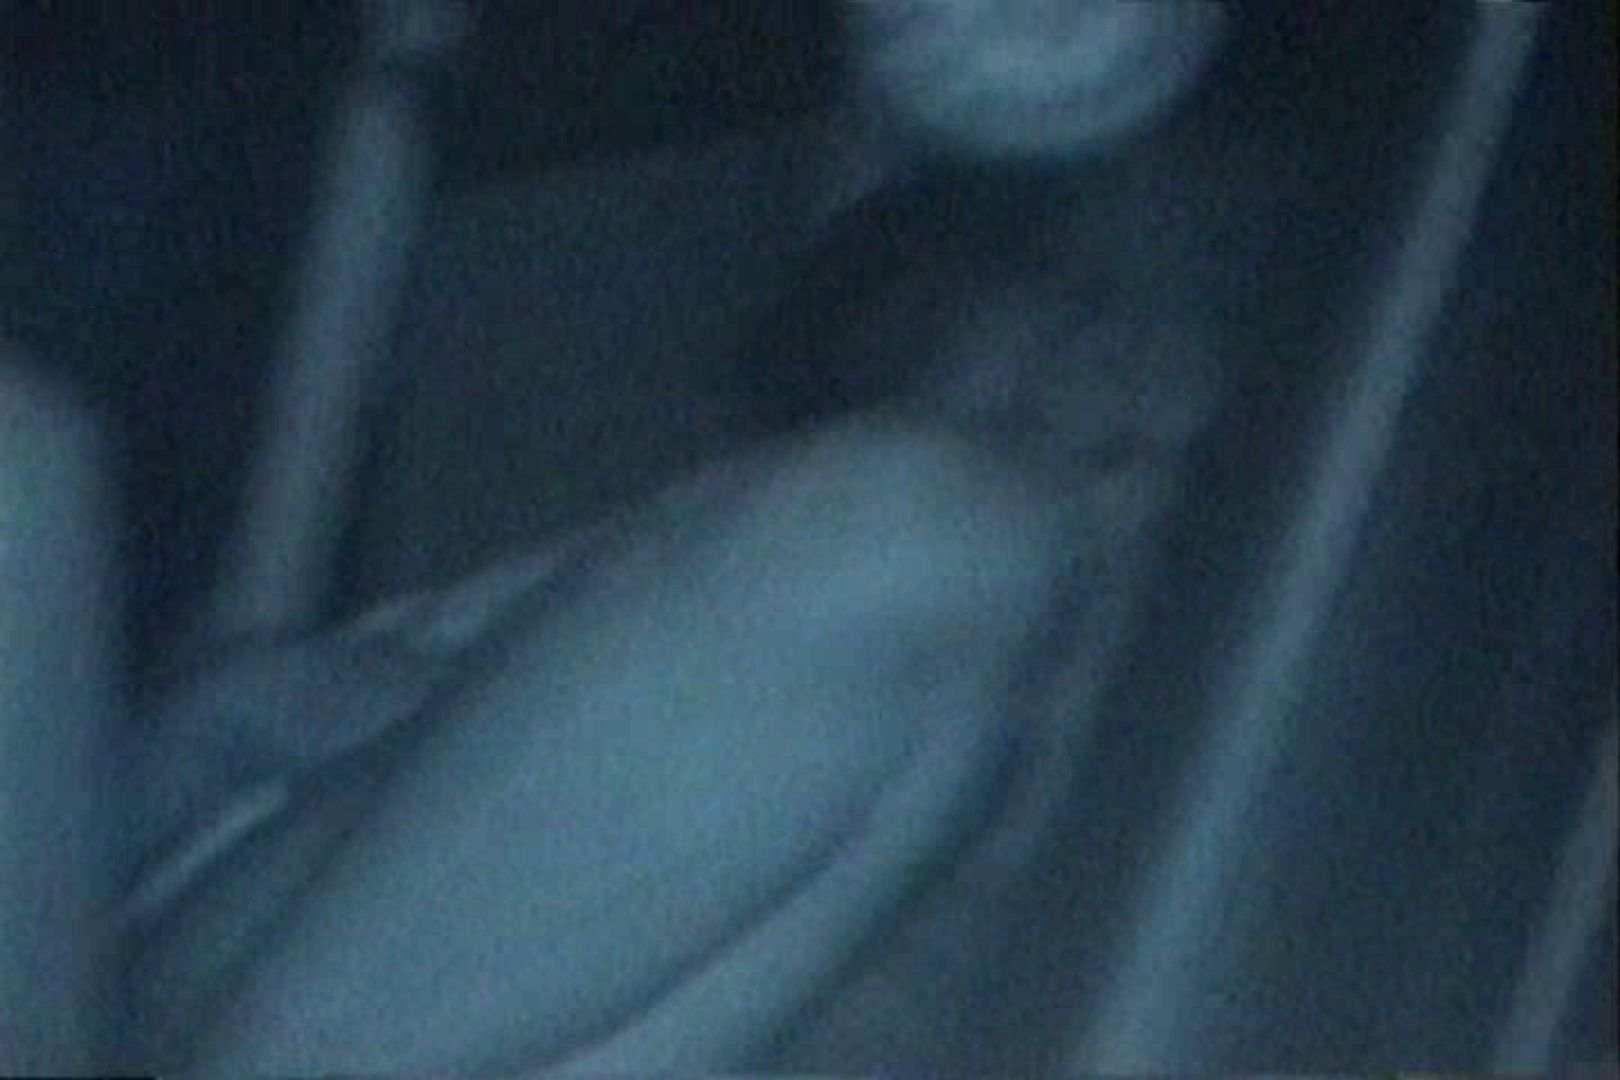 充血監督の深夜の運動会Vol.150 車の中のカップル | おまんこ無修正  85画像 81